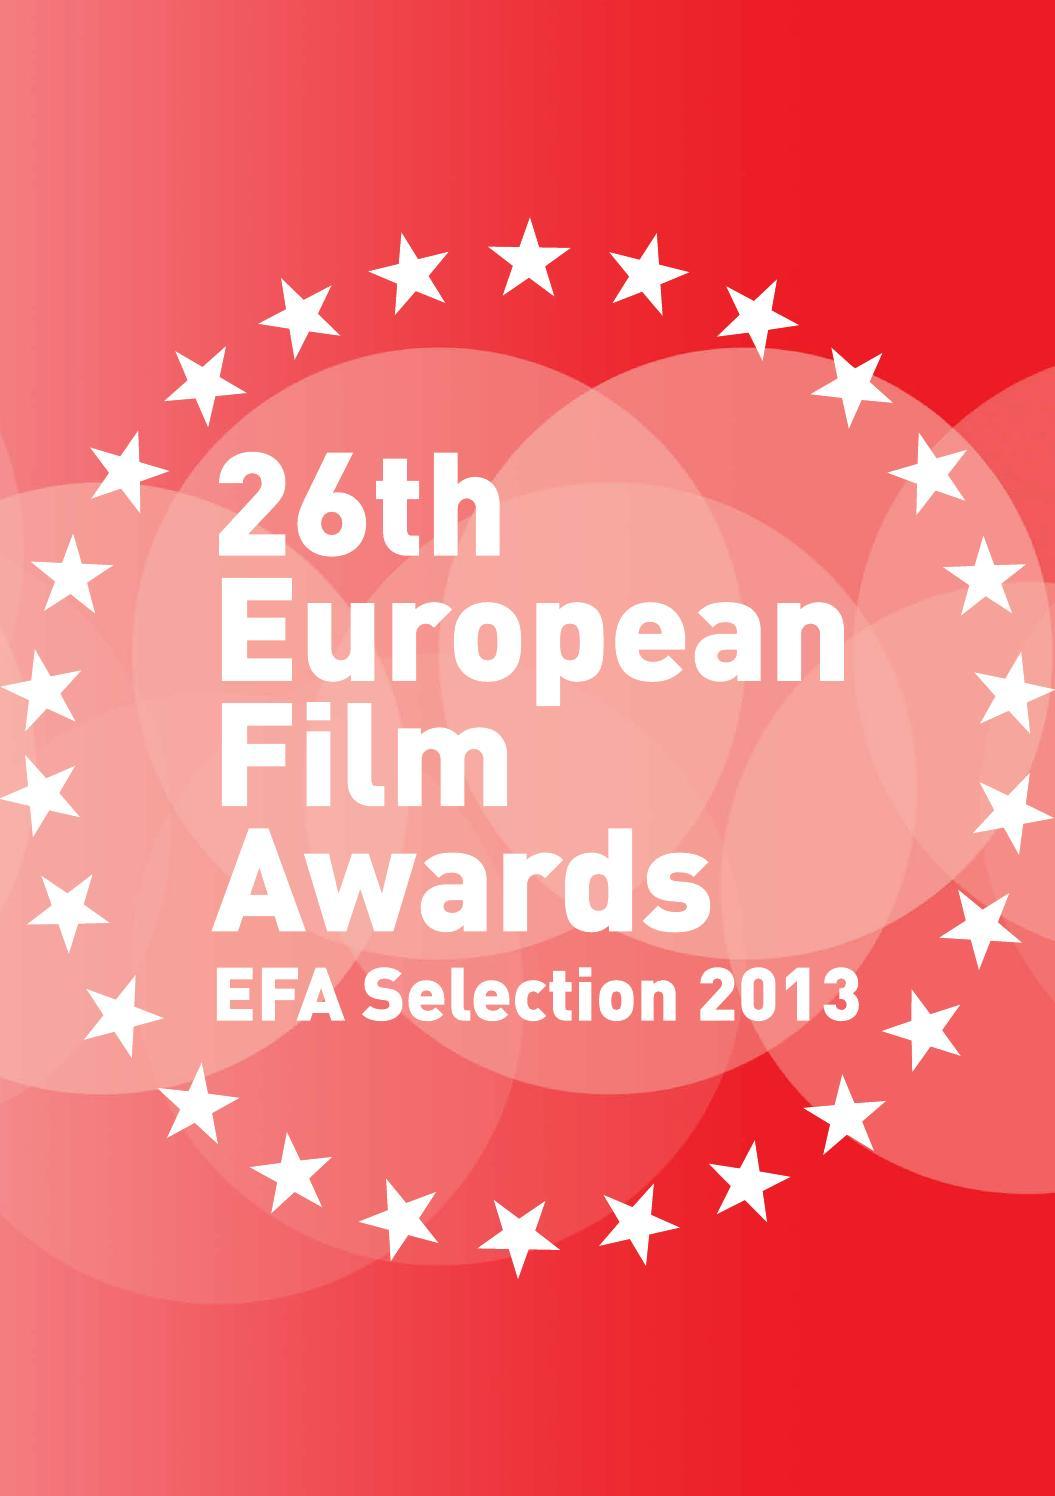 26th European Film Awards by RyA - issuu